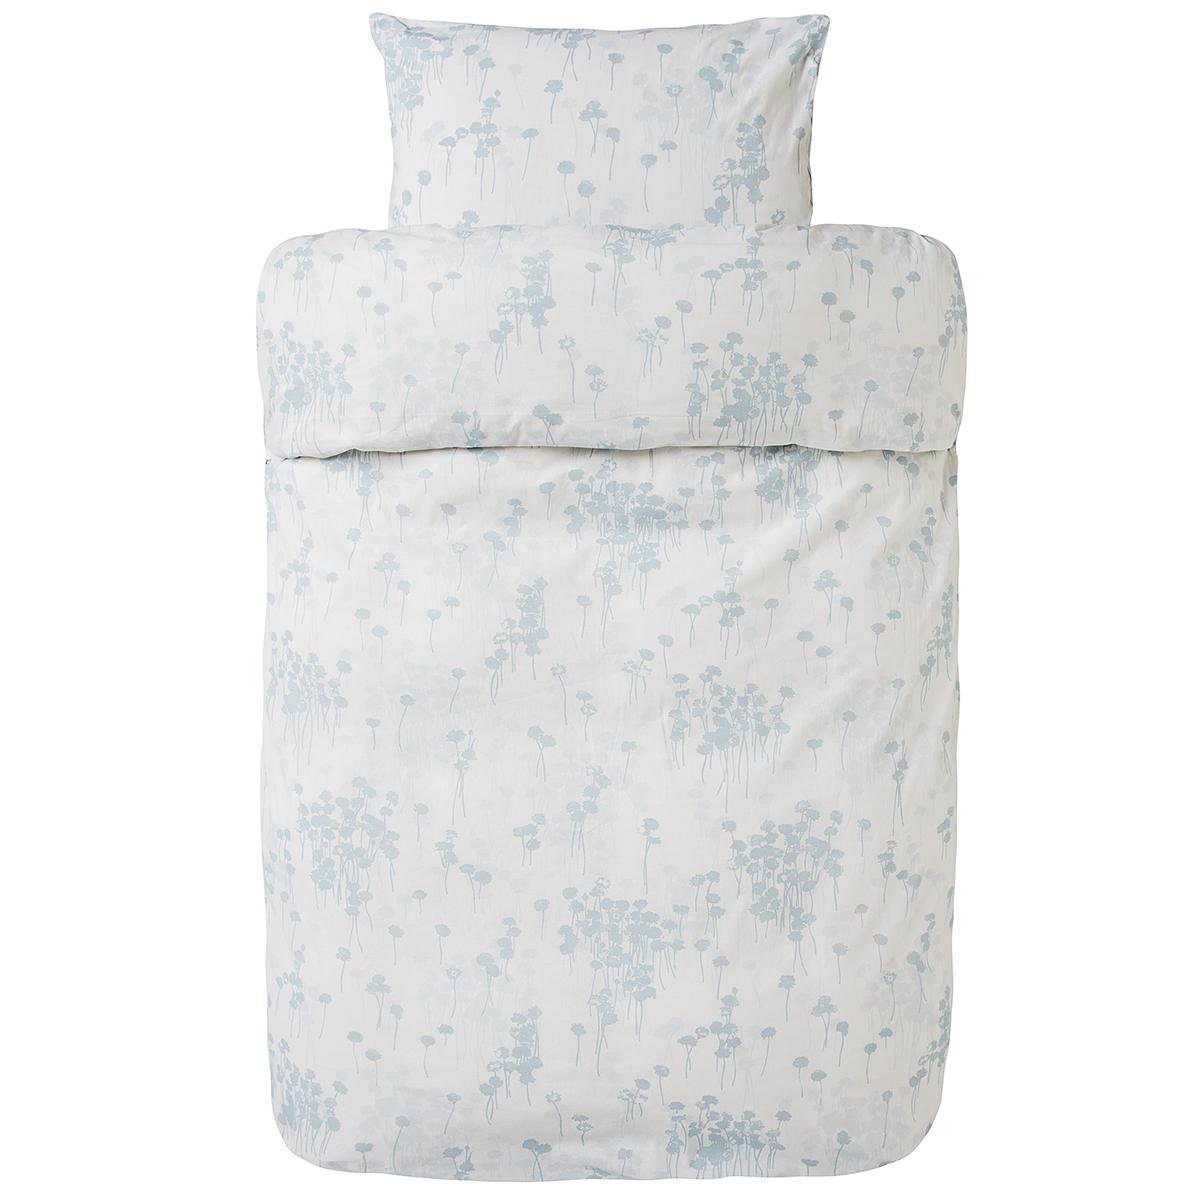 Image of   Mascot sengetøj - Ellen - Blå